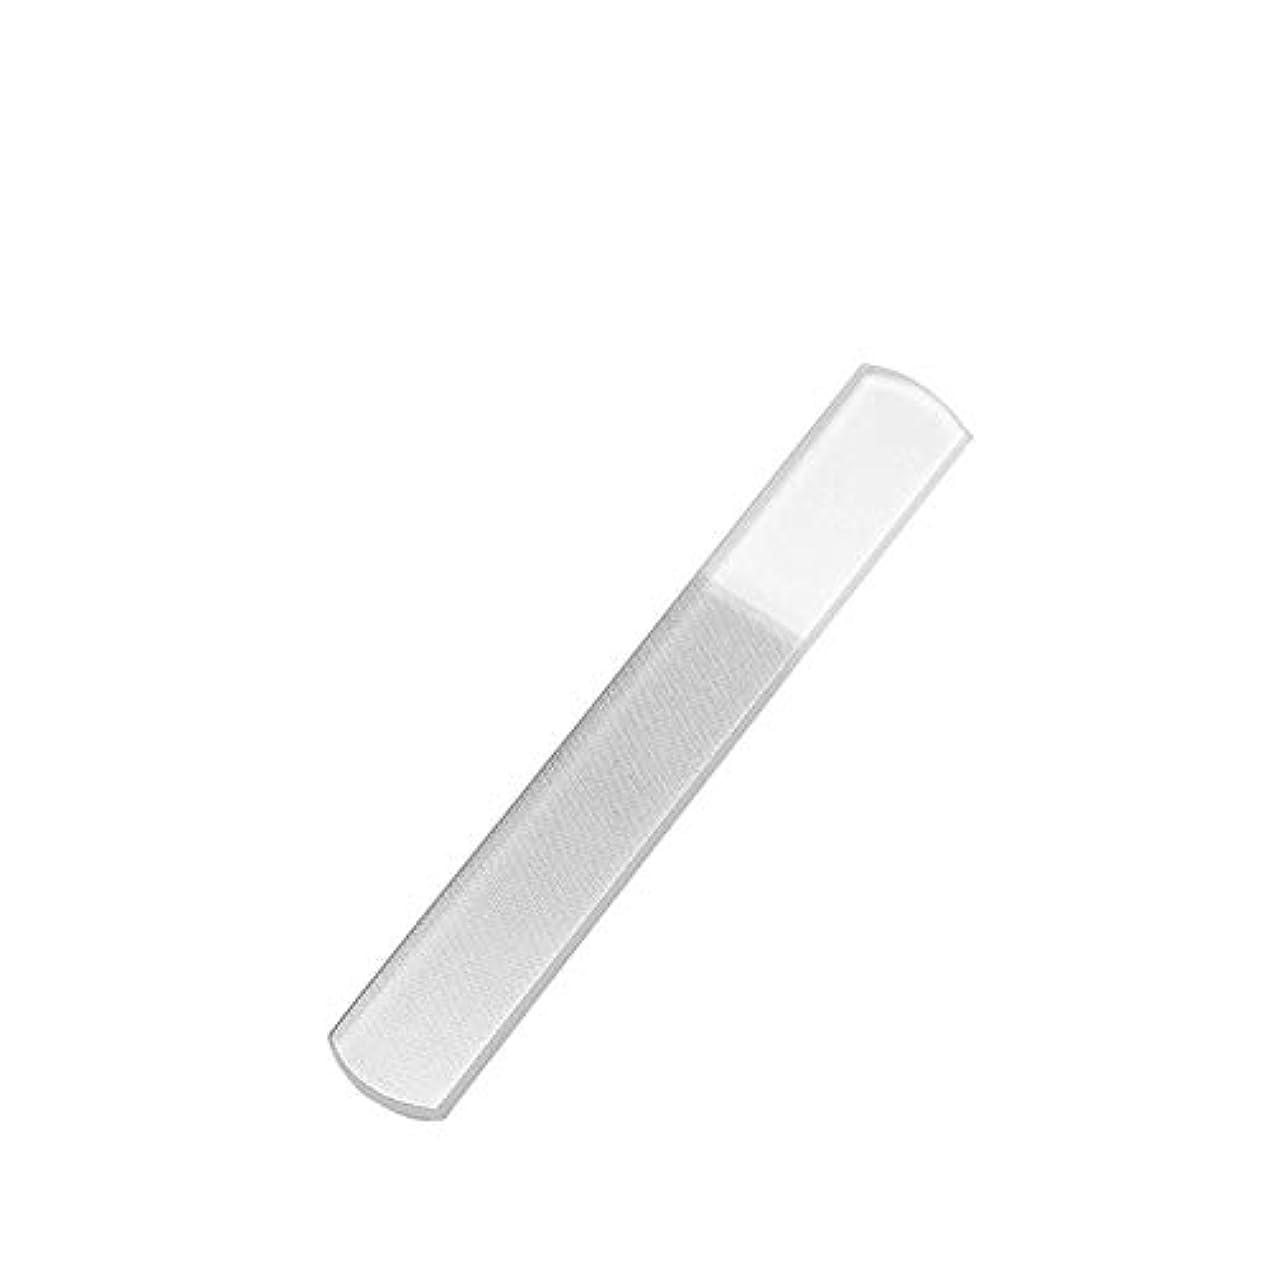 からに変化する欲しいです望ましい黒ツールDIYネイルツールネイル用品の包装スタイルを研削ナノポータブルガラスネイルファイルネイルポリッシュクリート